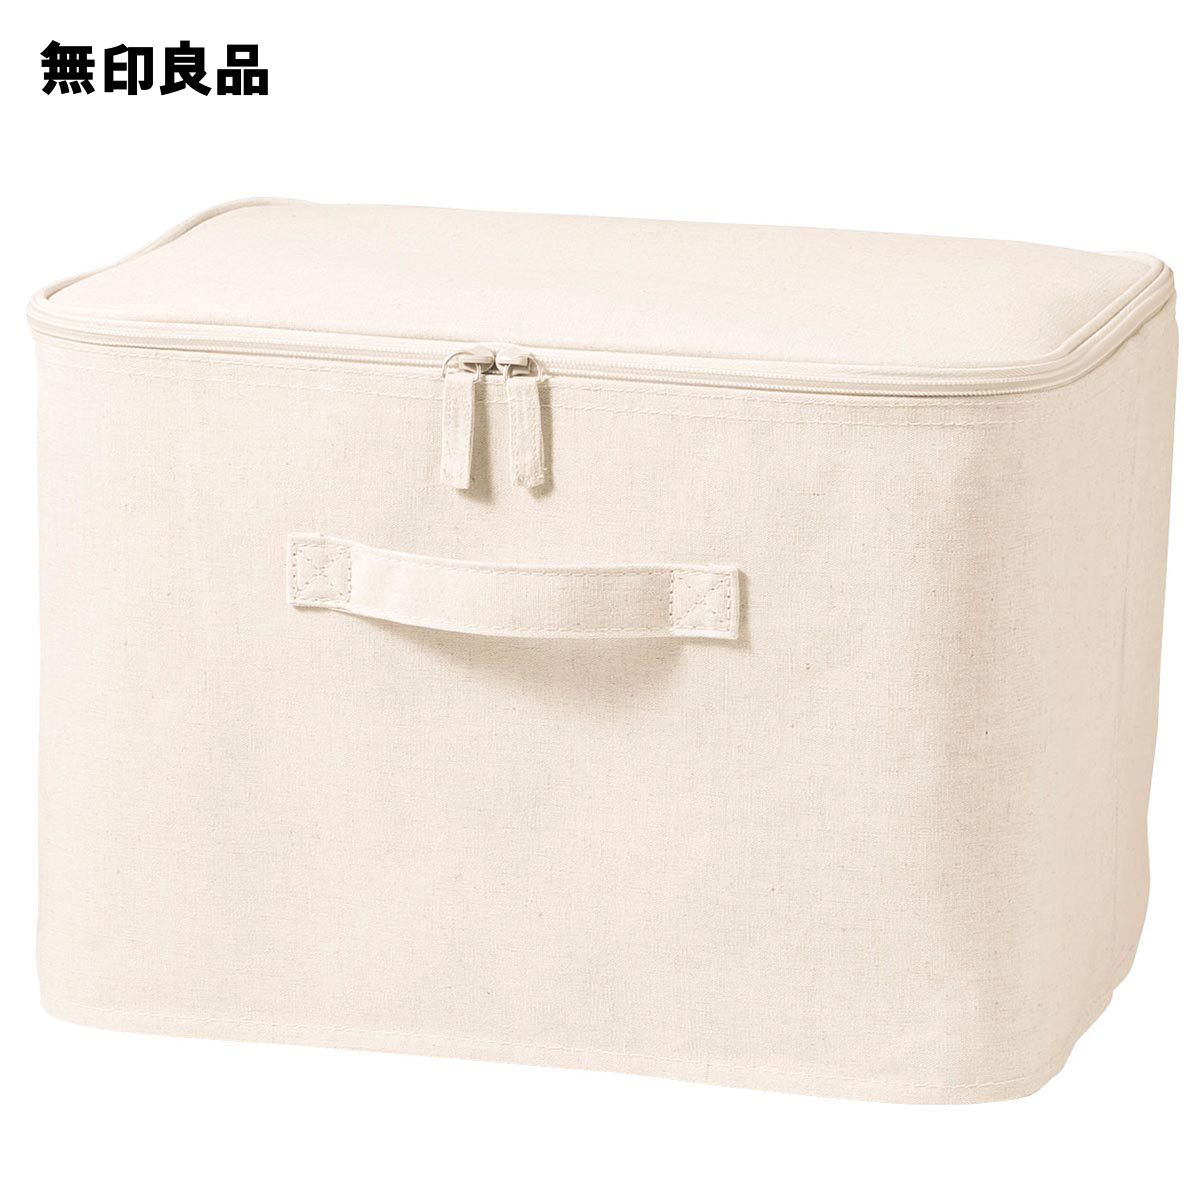 【無印良品 公式】 ポリエステル綿麻混・ソフトボックス・長方形・中・フタ式